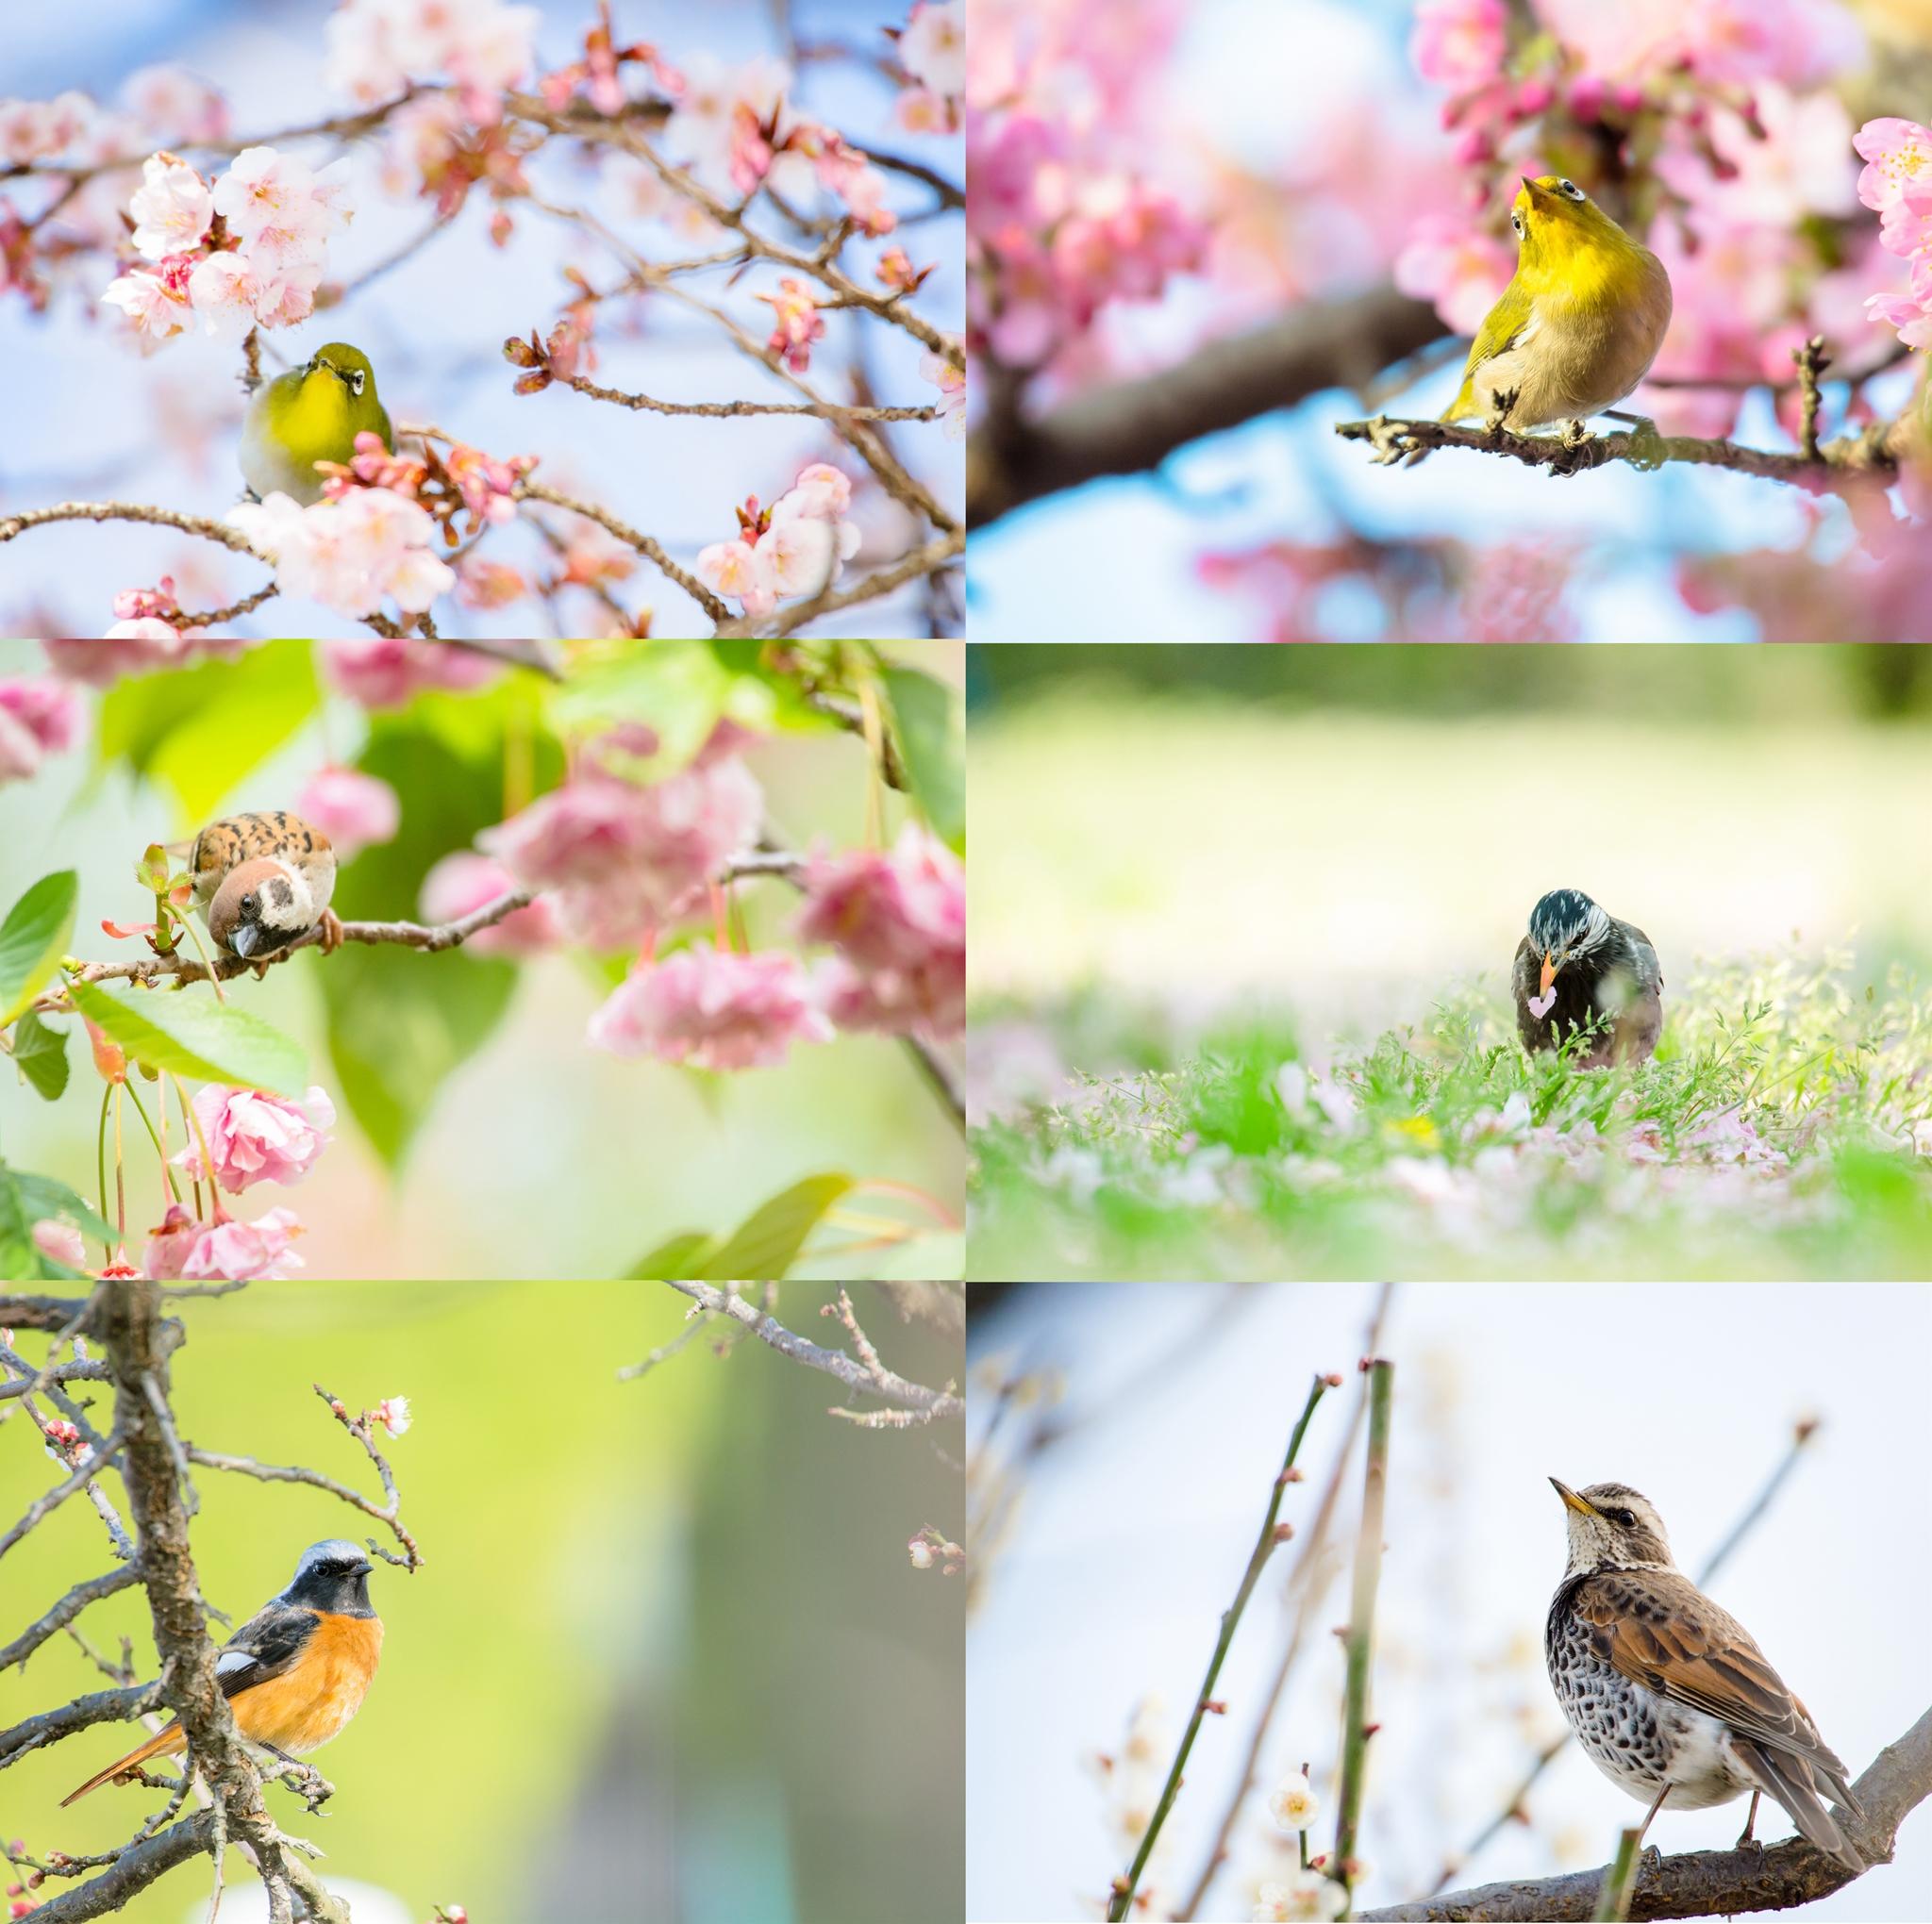 Photo: 「春」 / Spring  写真展『まなざし』出展予定作品より 今回ご紹介させていただくのは 8つの小さなテーマの内の一つ 『春』です。  一年を通して 会いに行っている小鳥たち、 その春のシーンより 6枚選びました。  一年の中で一番華やかな 花咲く季節、 そんな嬉しさ溢れる季節の中で 活き活きとした表情を見せる 小鳥たちを感じていただけたらと思います。  みなさんは どんな春のシーンがお好みでしょうか?  実際に展示ではそれぞれ 色彩を忠実にそして美しく表現してくれるバライタ紙に 空間を品良く演出してくれる額装が施されます。 ふわっとした花の季節 ぜひ足を運んでいただき、 実際にじっくりと見て楽しんでいただけたら幸いです。  ・写真用紙 「キャンソン インフィニティ」 < http://goo.gl/5TqYar >  ・大塩貴文 写真展『まなざし』 2015年11月20日[金]-29日[日] < http://islandgallery.jp/12134 >